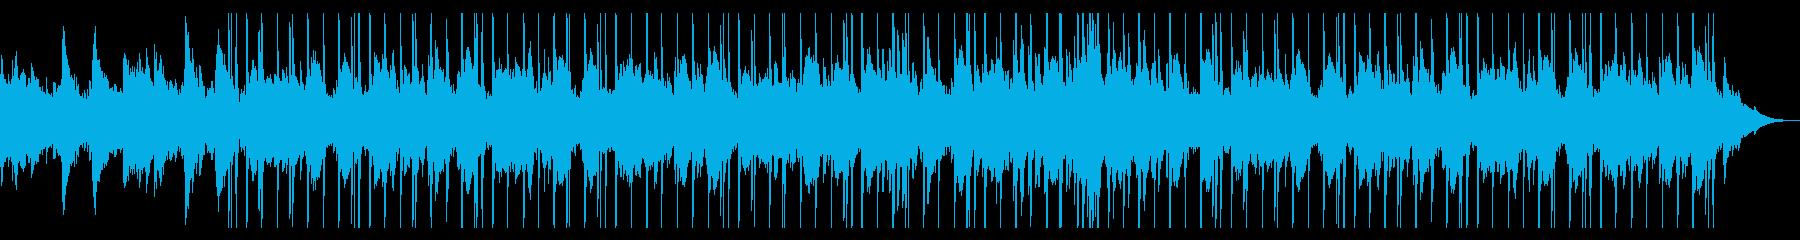 お洒落なチルアウト ピアノジャズソウルの再生済みの波形